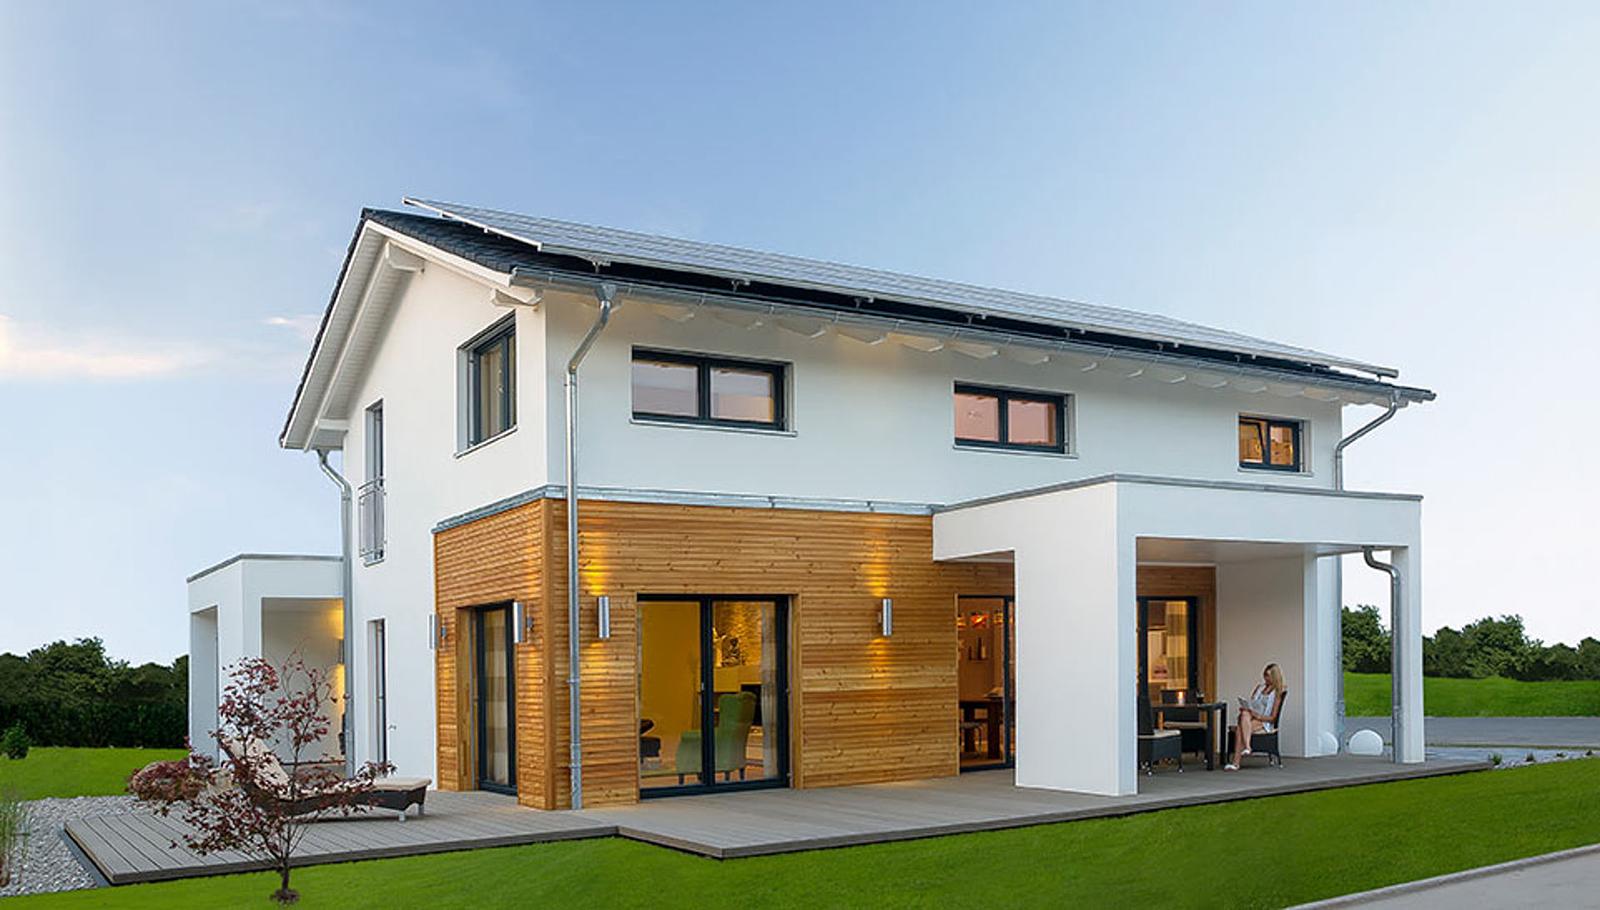 Ein Plusenergiehaus des Fertighaus-Anbieters Haas: Der durch Photovoltaikanlagen erzeugte Strom wird in das örtliche Stromnetz eingespeist.